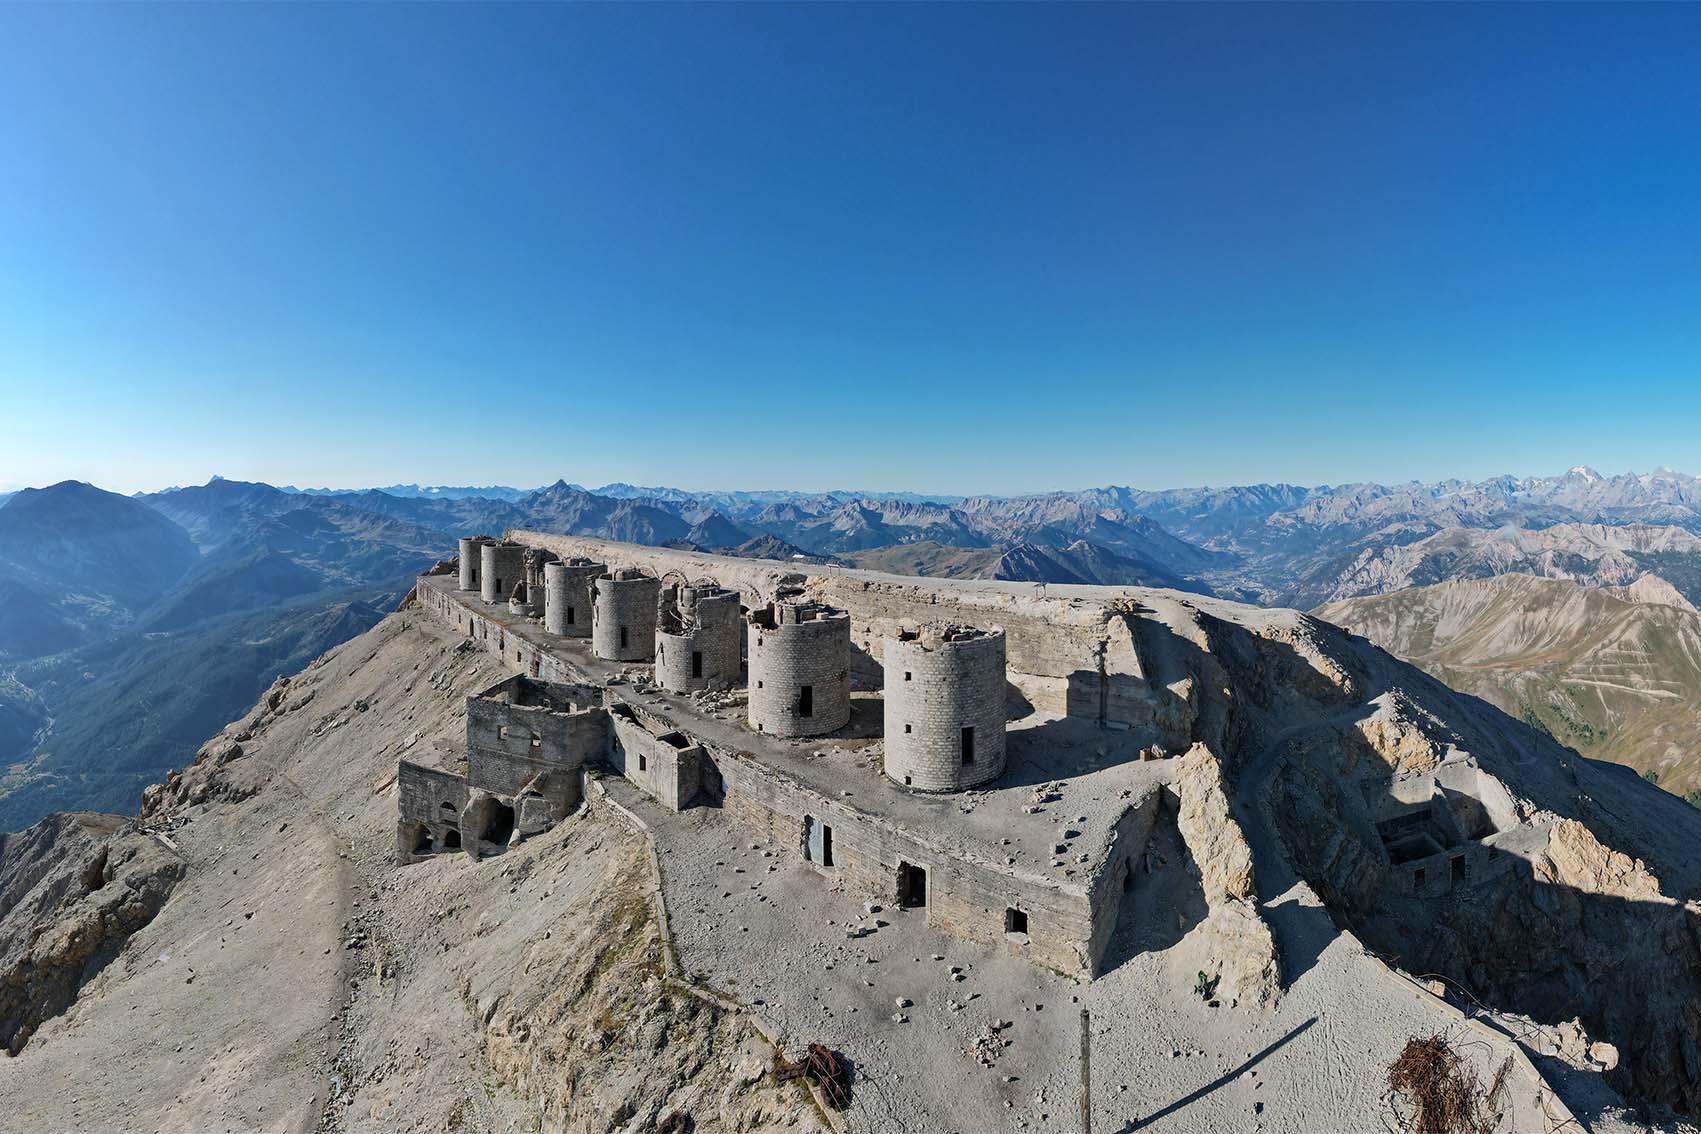 Photographie faite au drone du Fort du Mont Chaberton